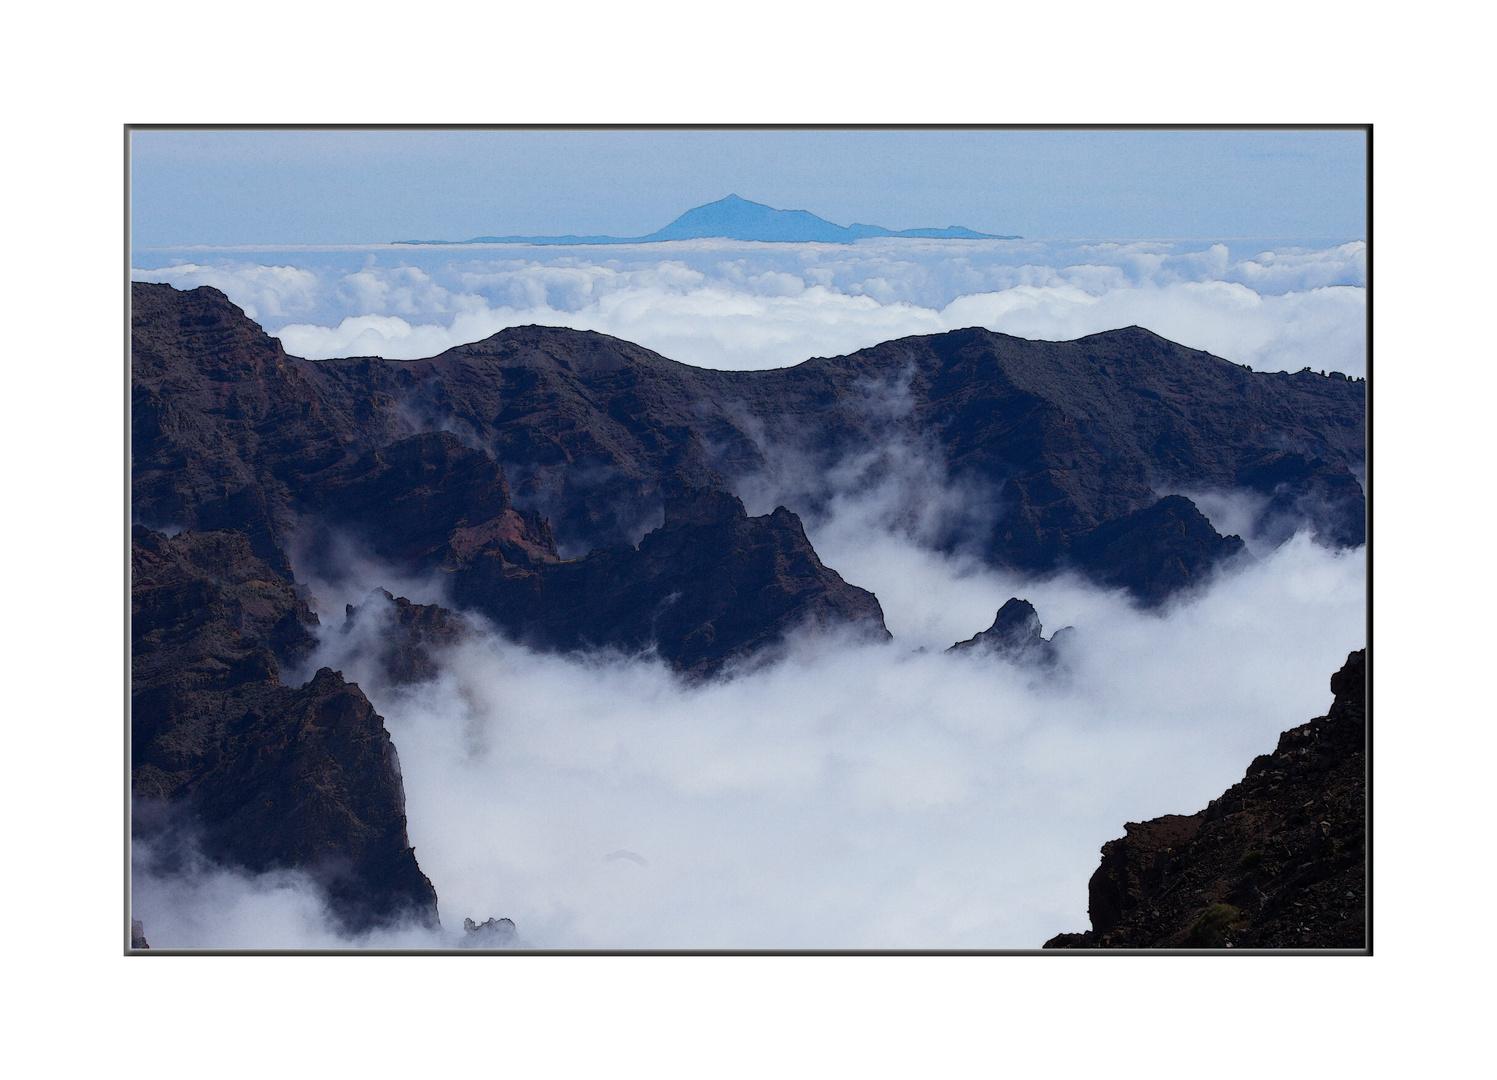 Nebelverhangene Vulkanlandschaft